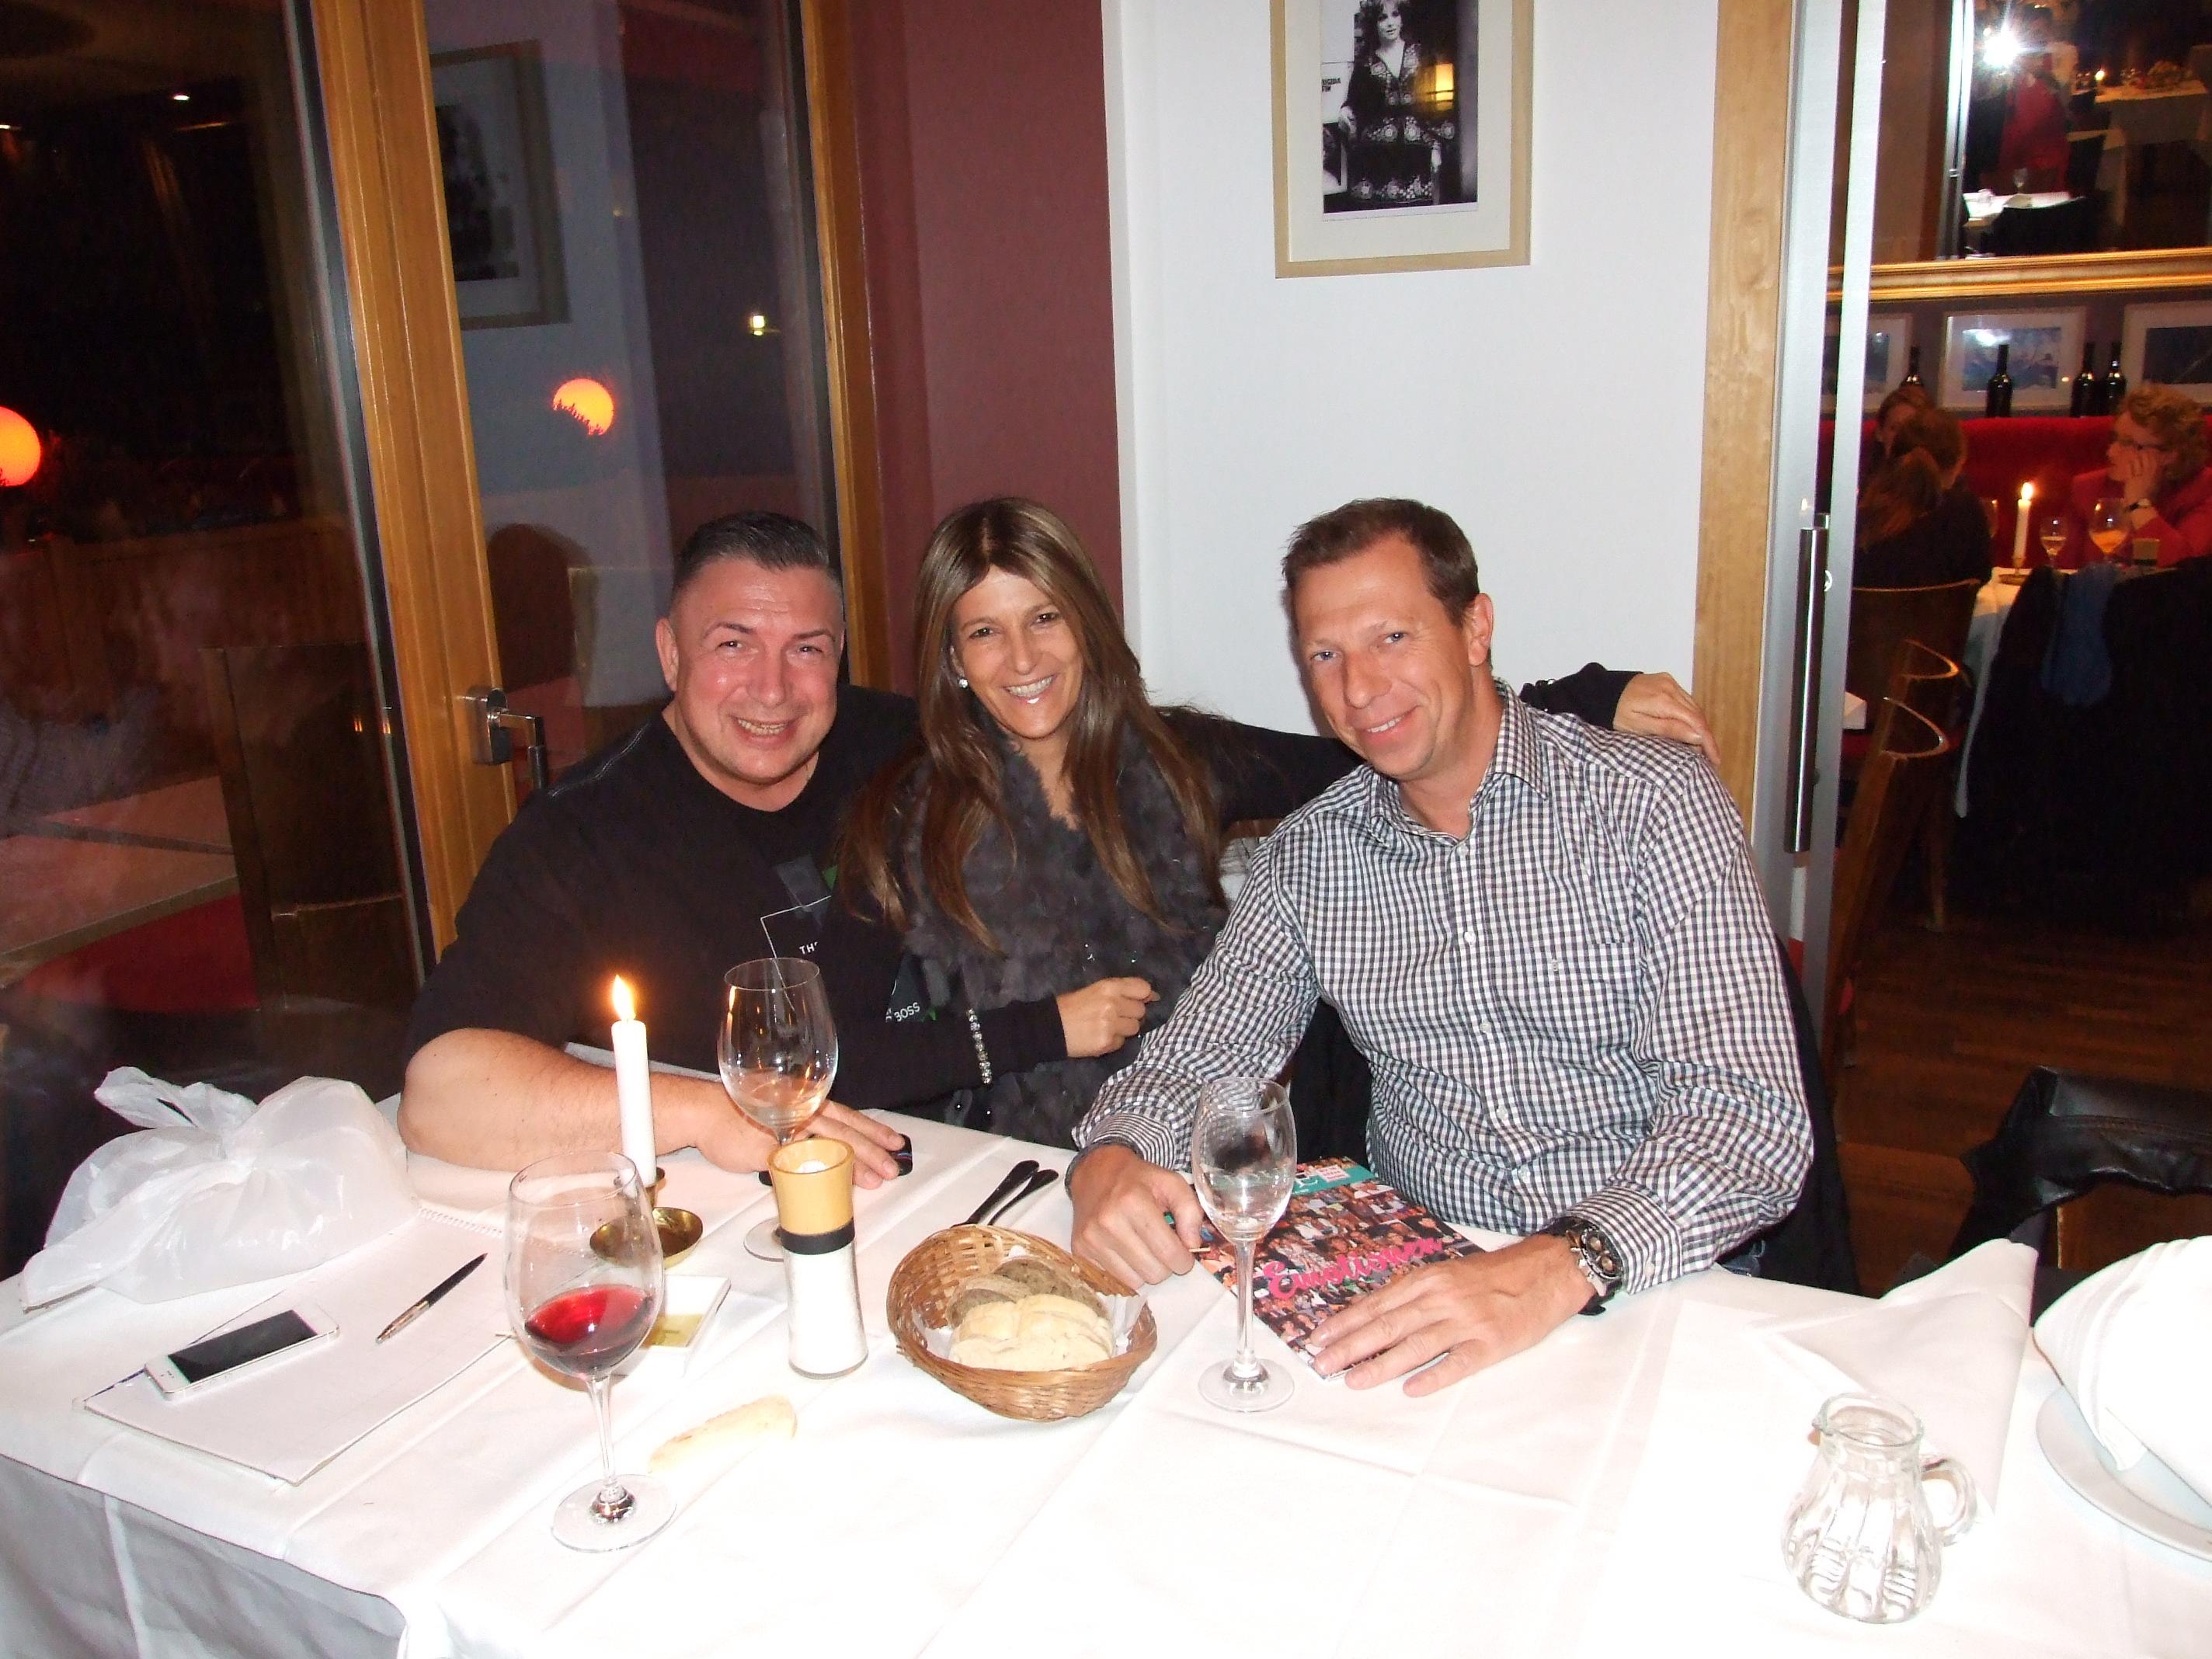 v.l. Bernd Kroll, Anita Tusch und Olli Hardt in der Pizzeria